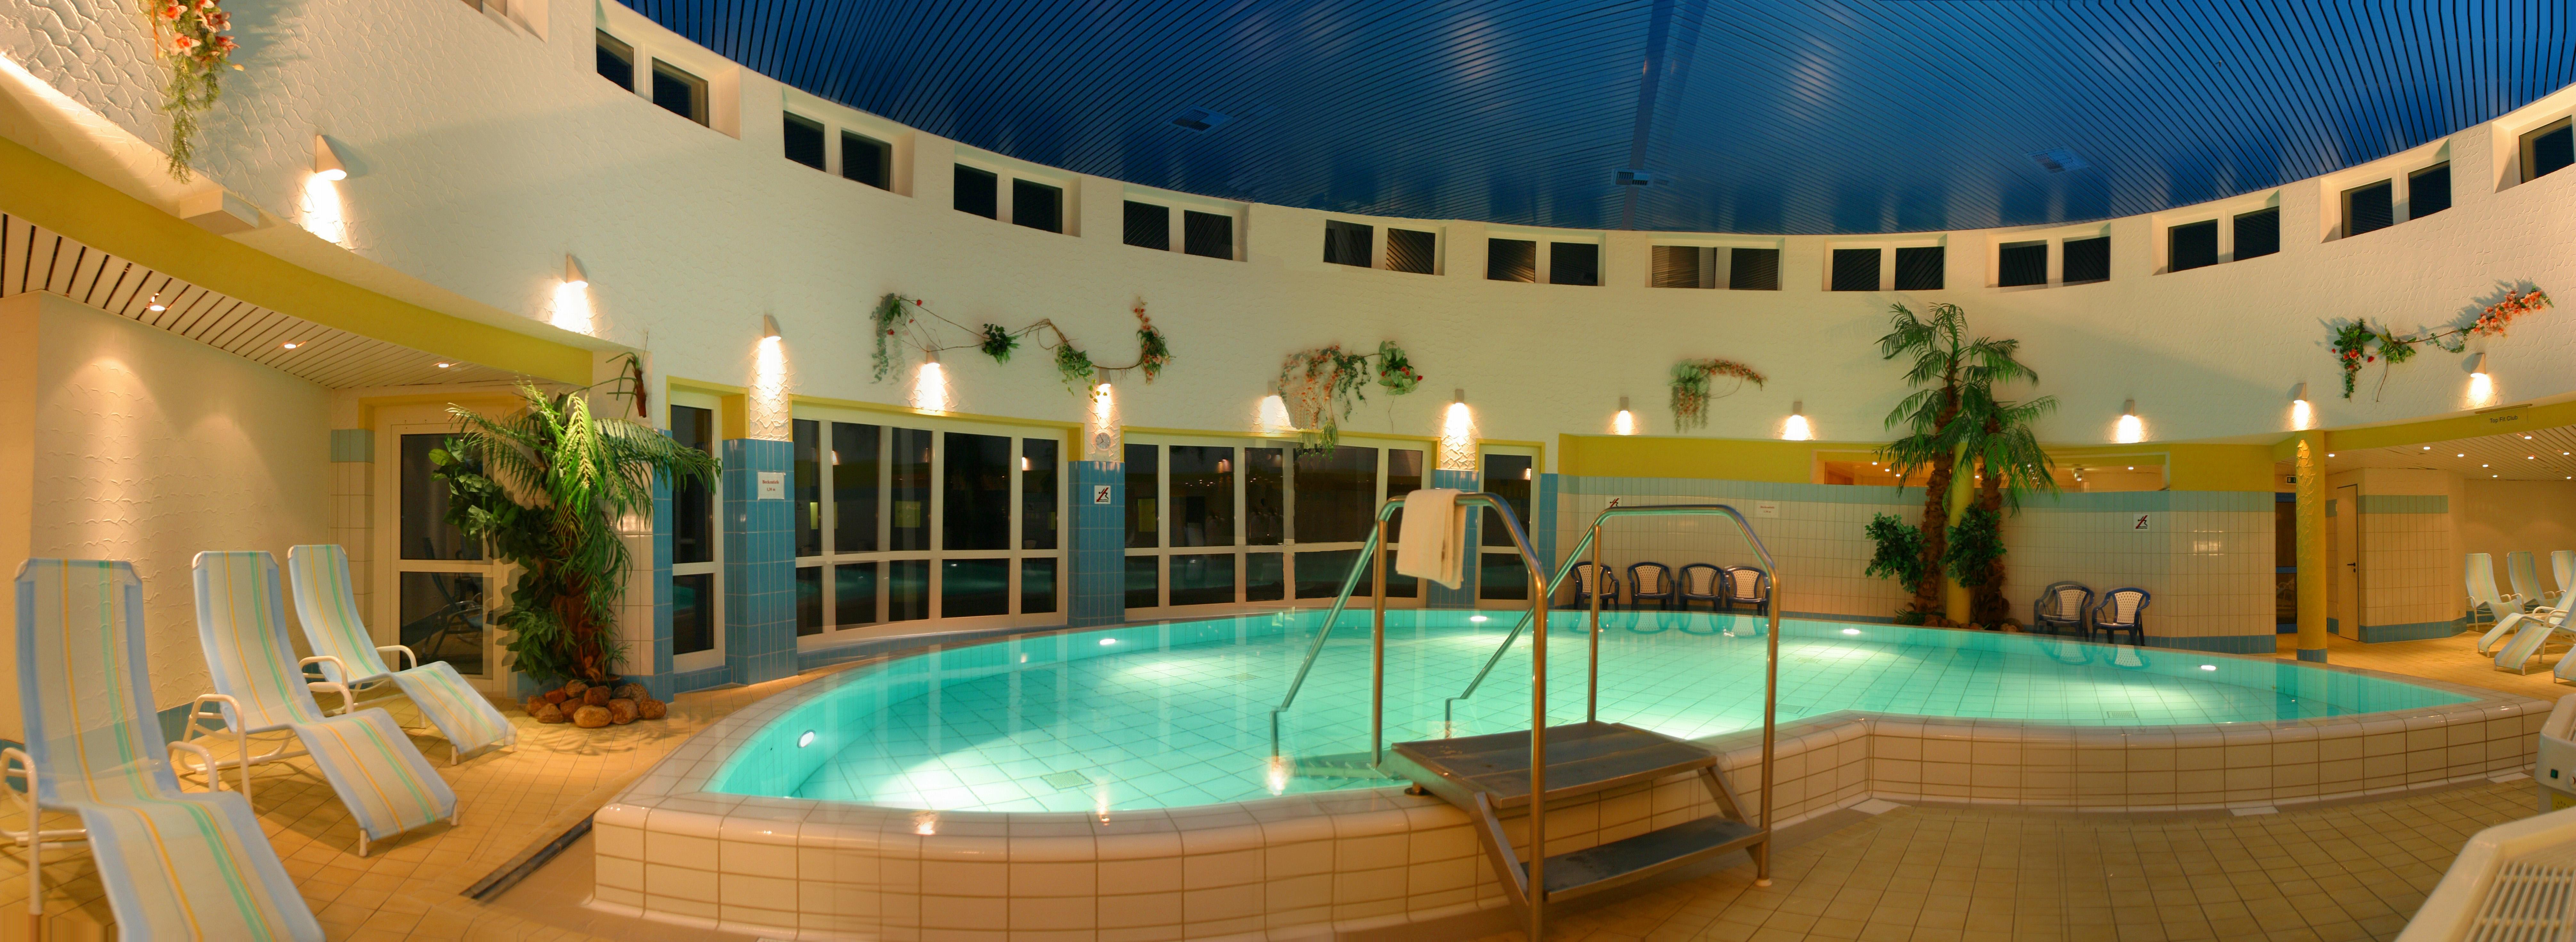 Wellness Koblenz Hotel